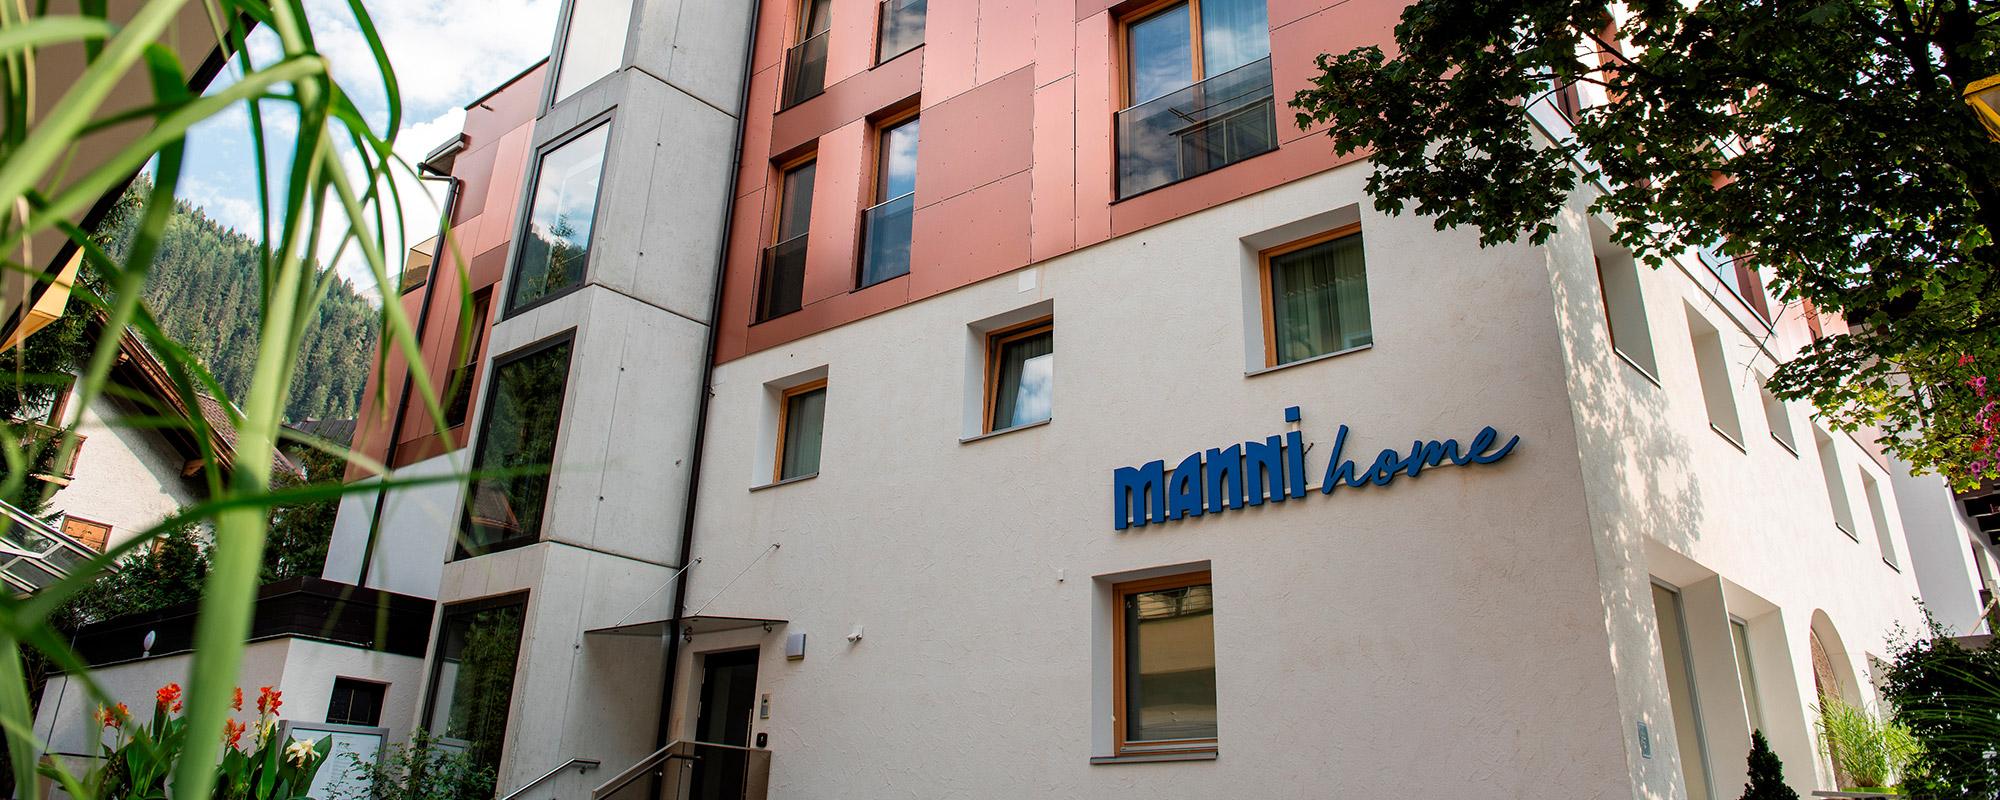 MANNI home moderner Urlaub in Mayrhofen